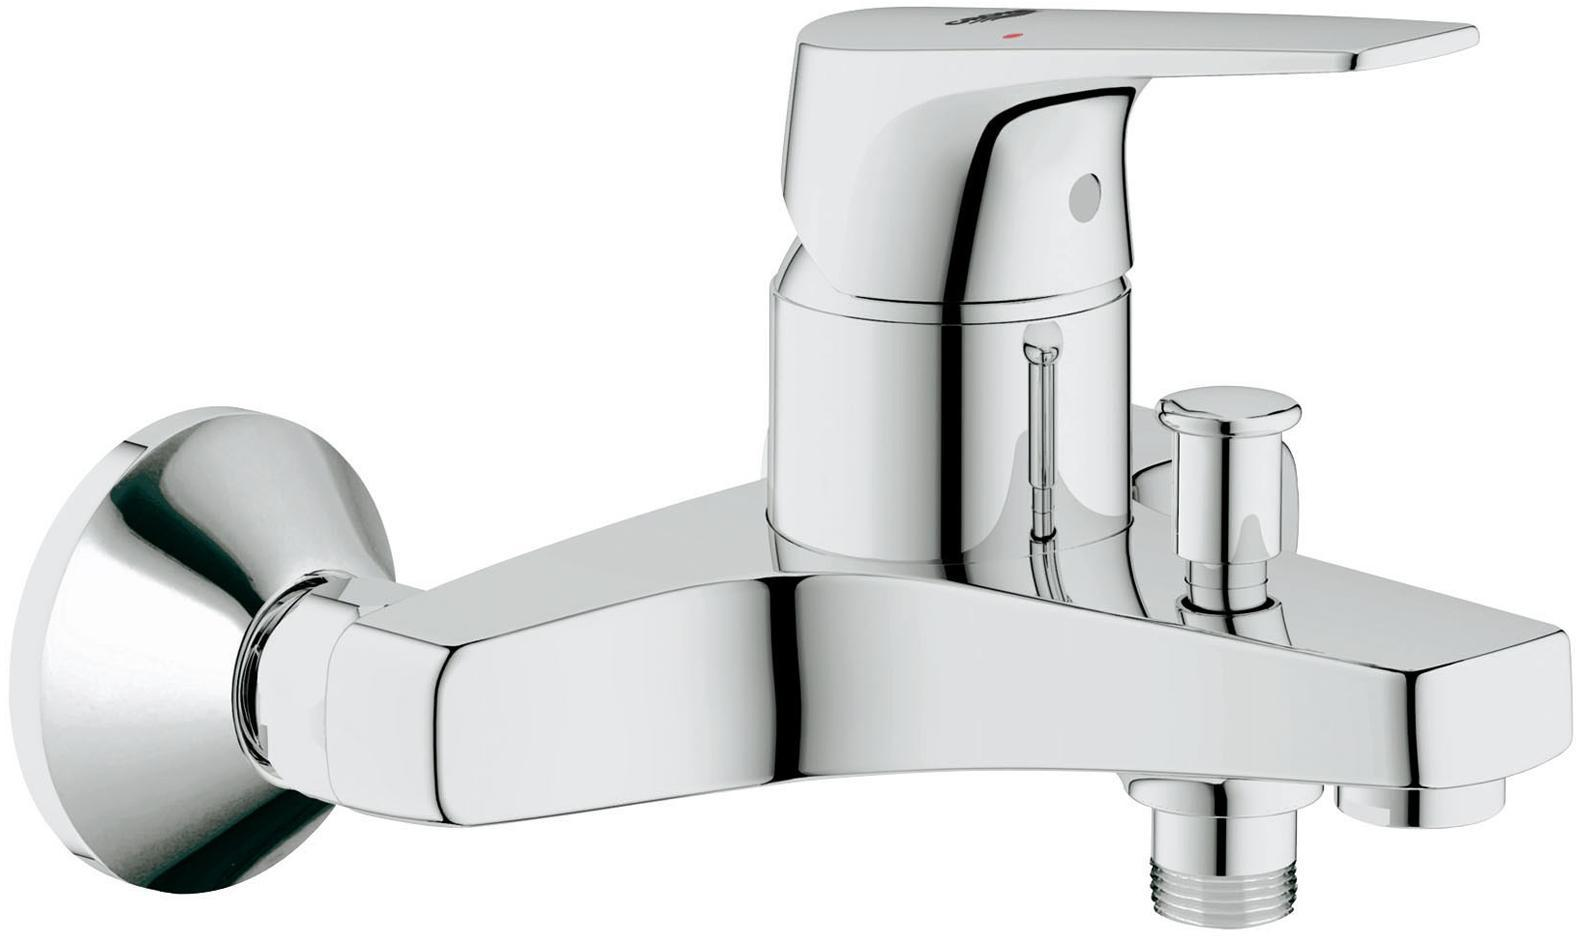 Смеситель для ванны GROHE BauFlow, хром32811000Смеситель для ванны GROHE BauFlow, хром Видео по установке является исключительно информационным. Установка должна проводиться профессионалами! Серия: BauFlow; цвет: хром